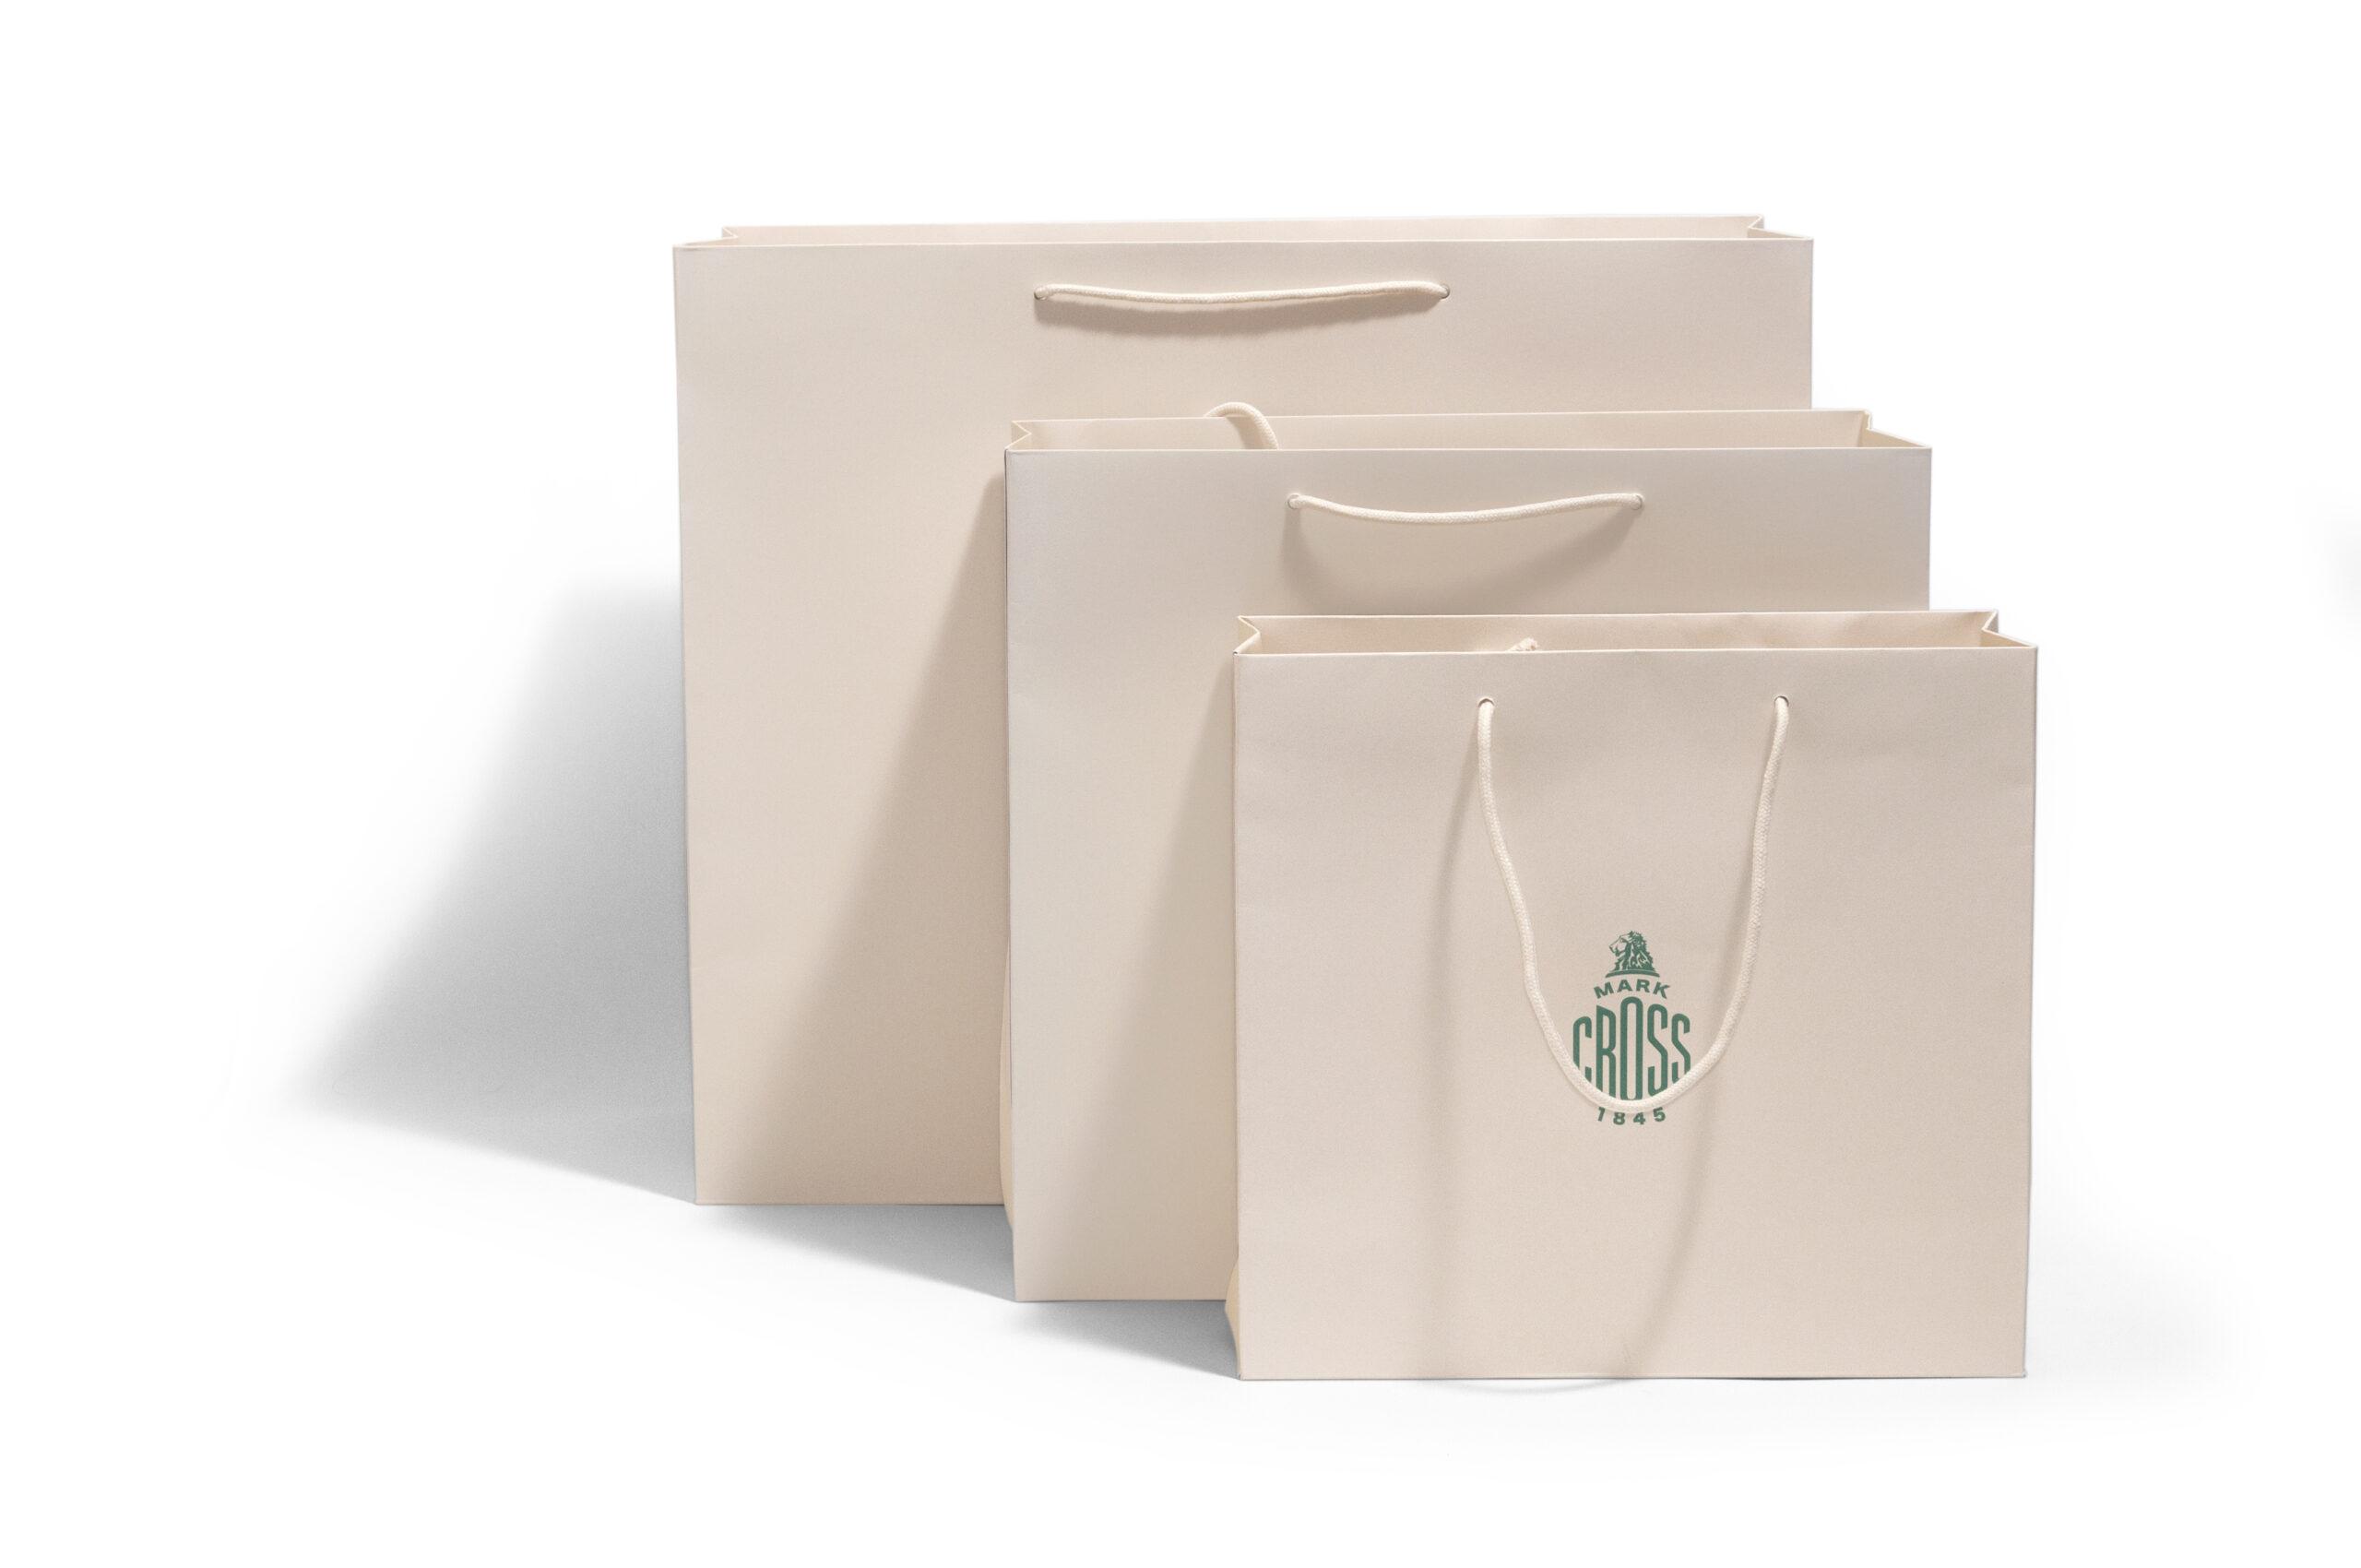 Custom Shopping Bag Printing For Mark Cross